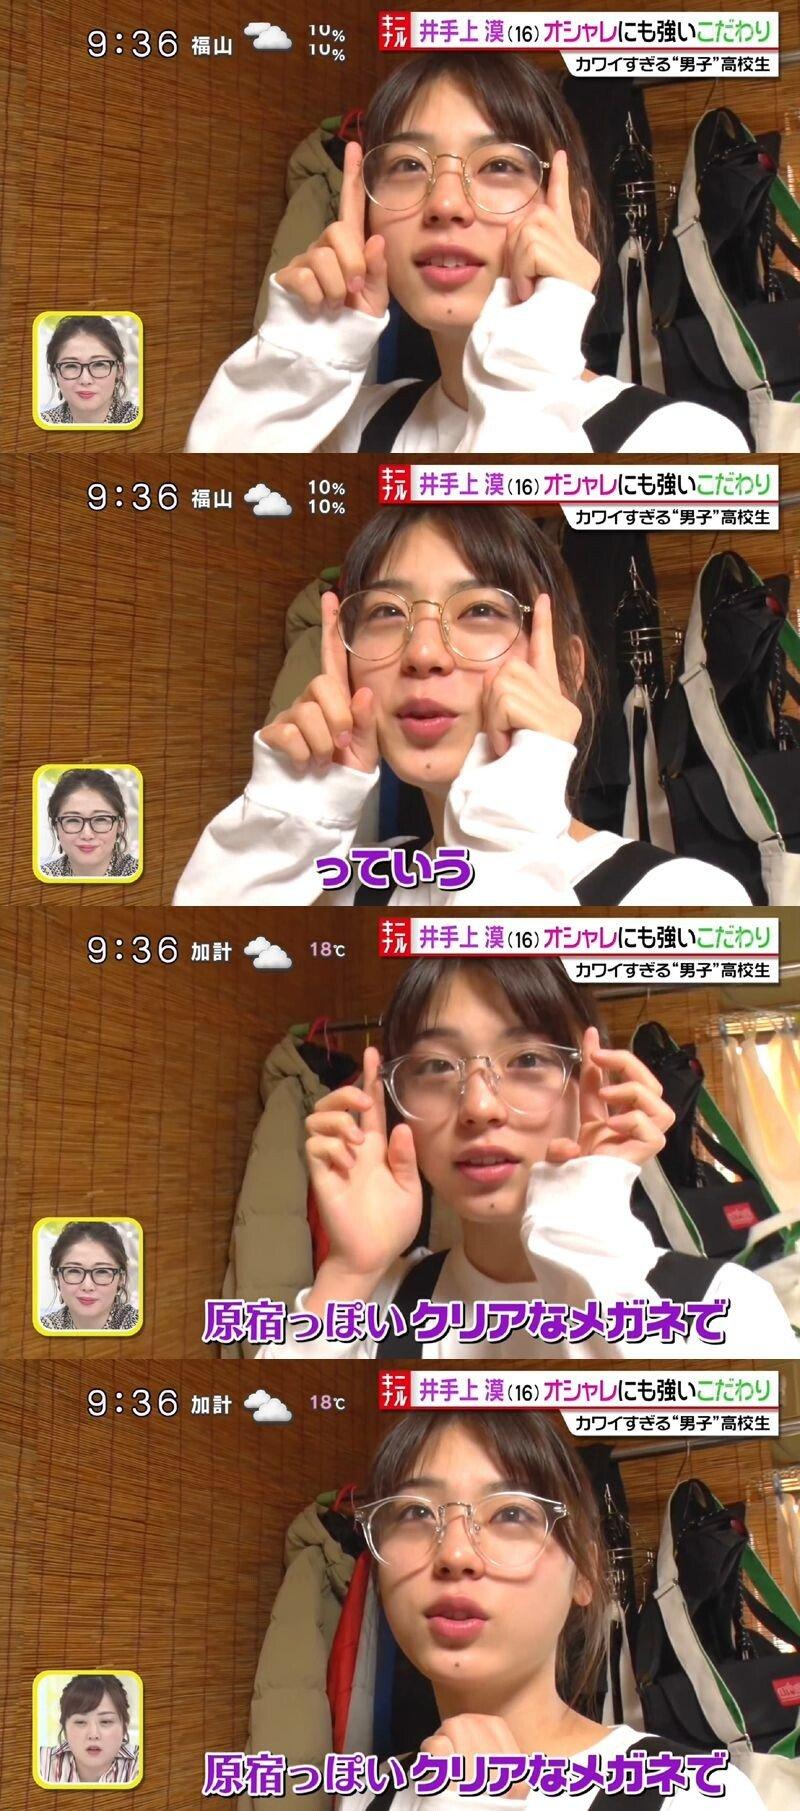 20200917000218_ydezkhky.jpg 일본에서 제일 예쁜 남자..JPG